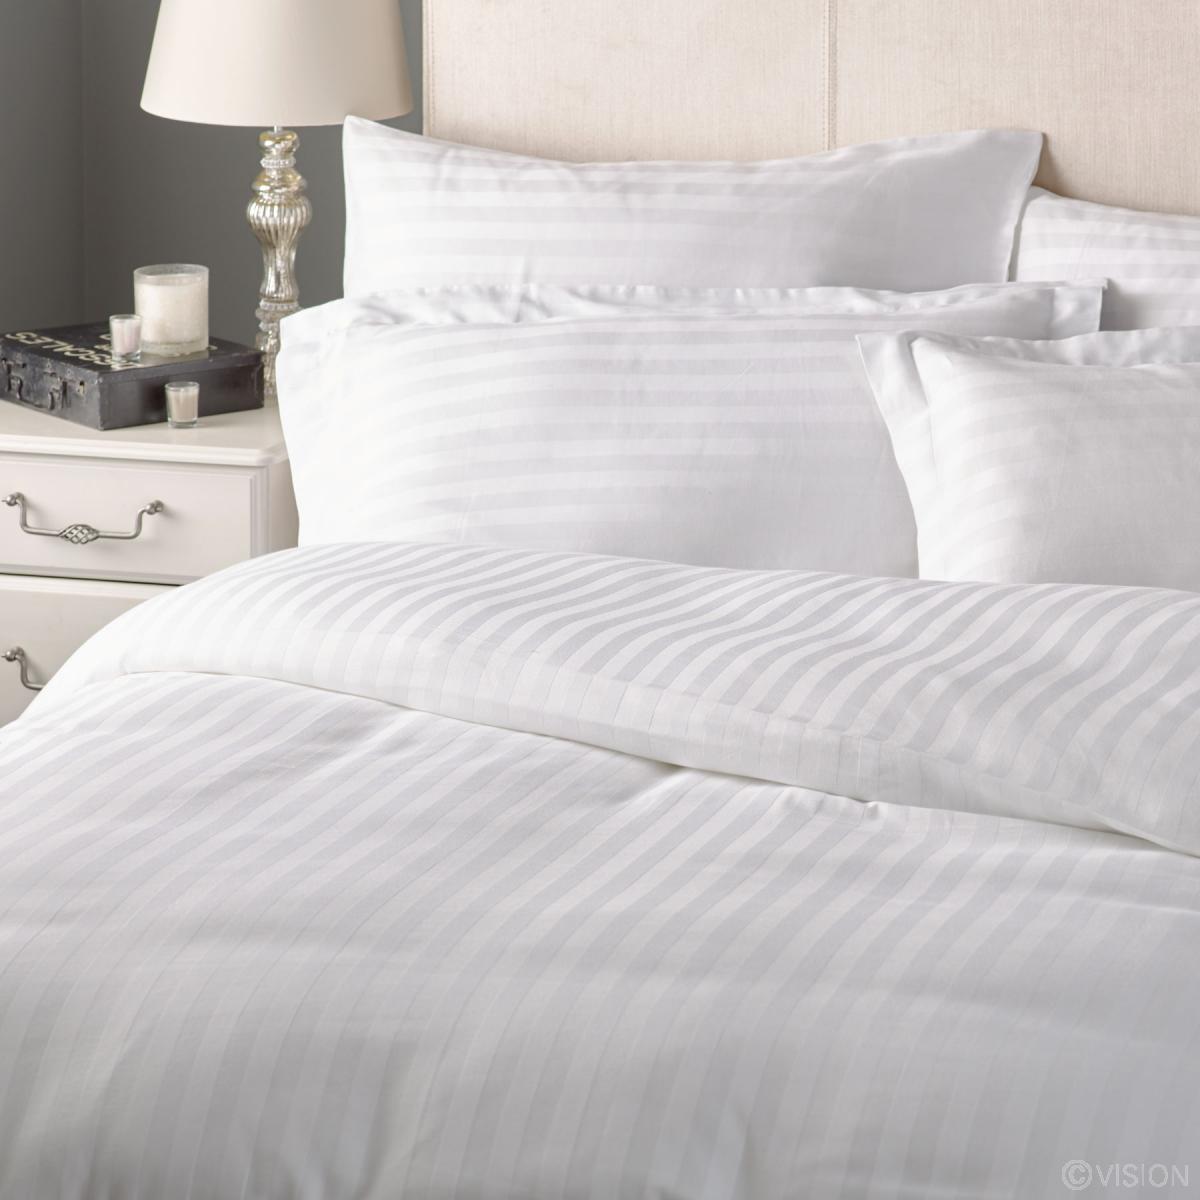 Hide A Bed Sheets: Duvet Cover - 2cm Satin Stripe, Cotton Rich